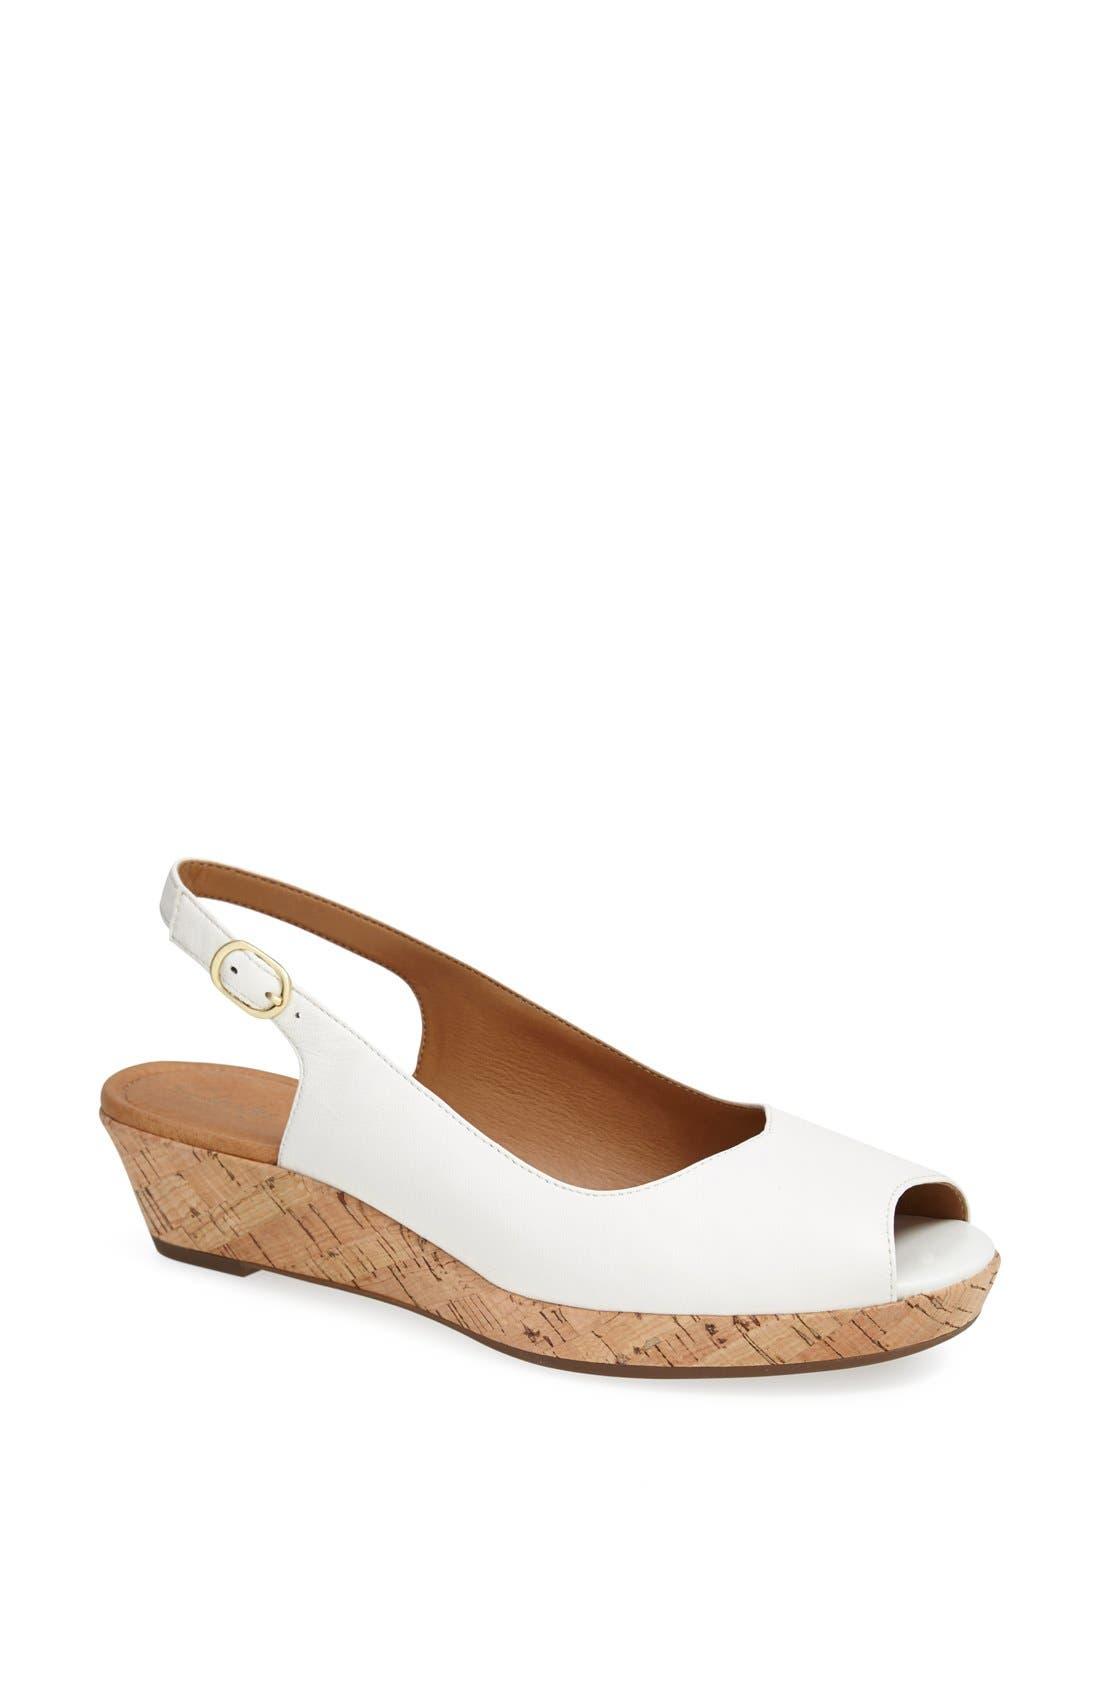 Alternate Image 1 Selected - Clarks® 'Orlena Currant' Sandal